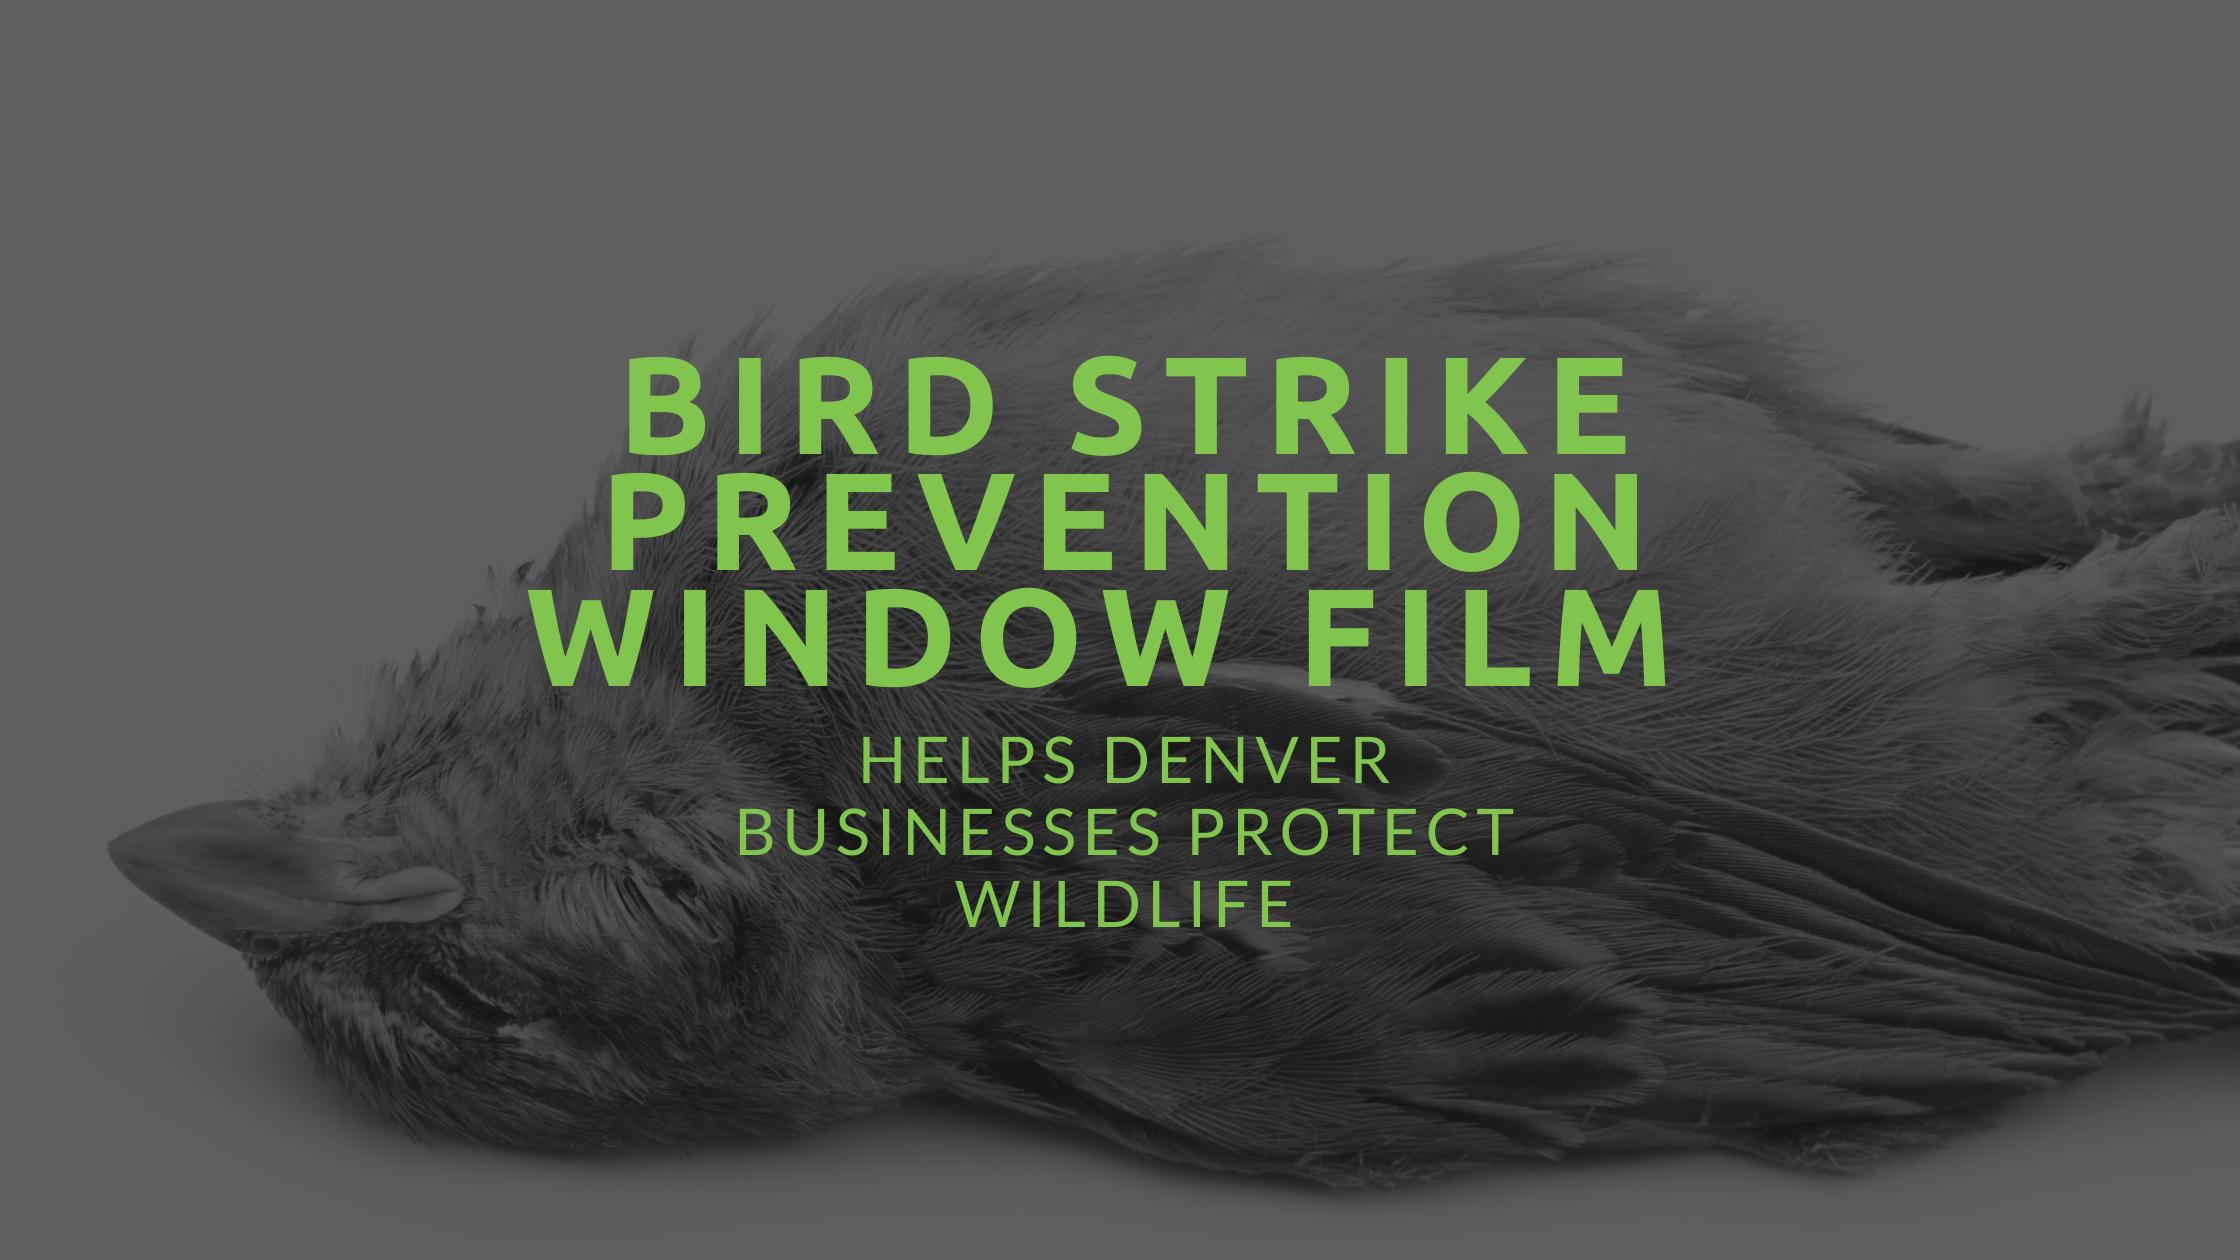 bird strike prevention window film denver